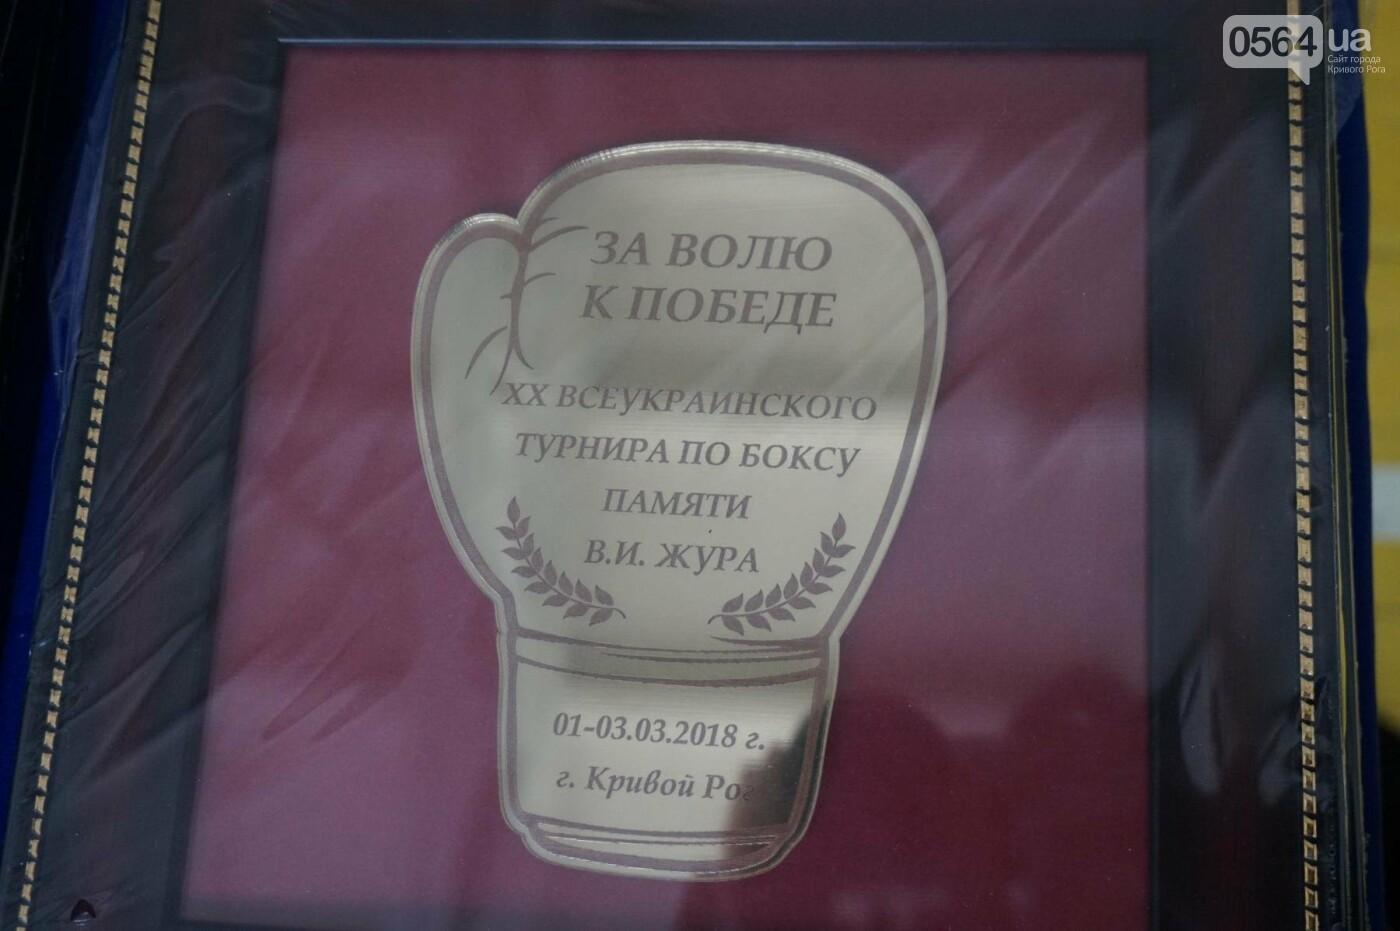 В Кривом Роге состоялся Международный турнир по боксу (ФОТО, ВИДЕО), фото-17